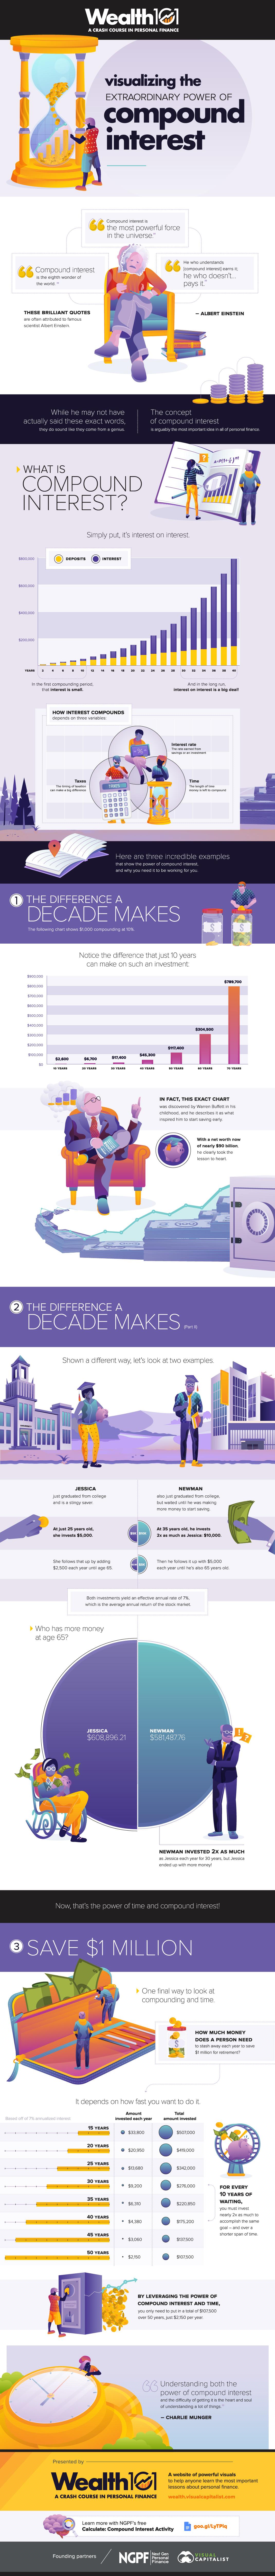 infographic-compound-interest.jpg